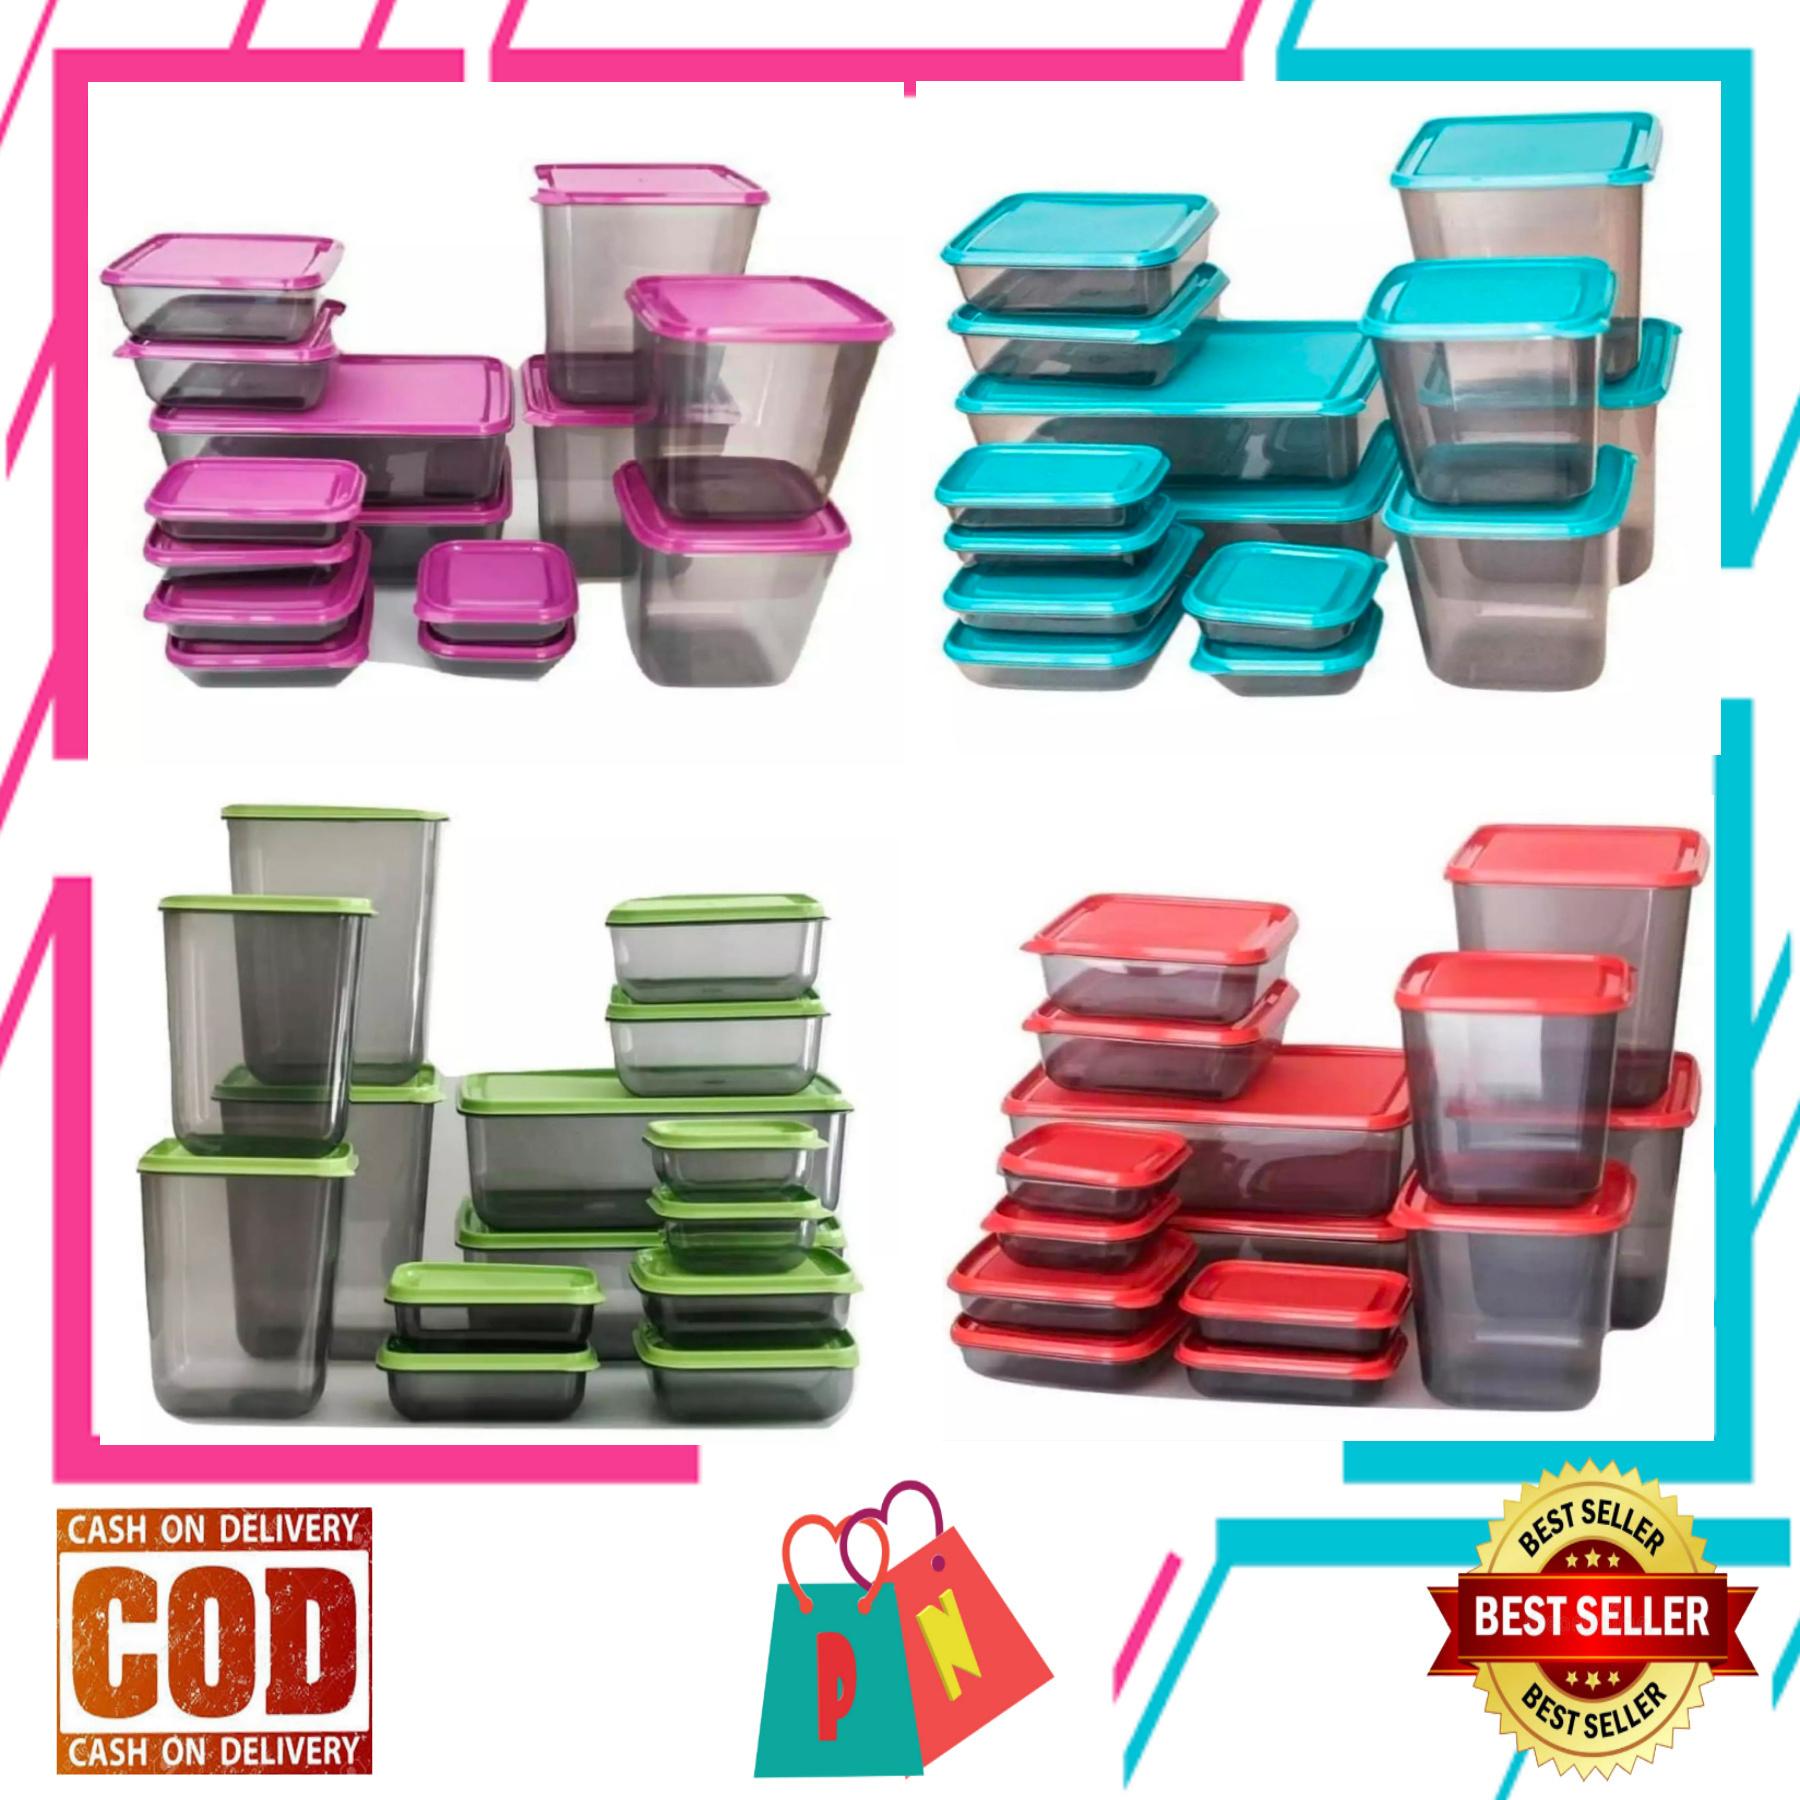 toples set nampan calista shiro 7in1 / nampan set calista shiro 7in1 / calista tonam / toples kue / toples plastik / toples lebaran cod